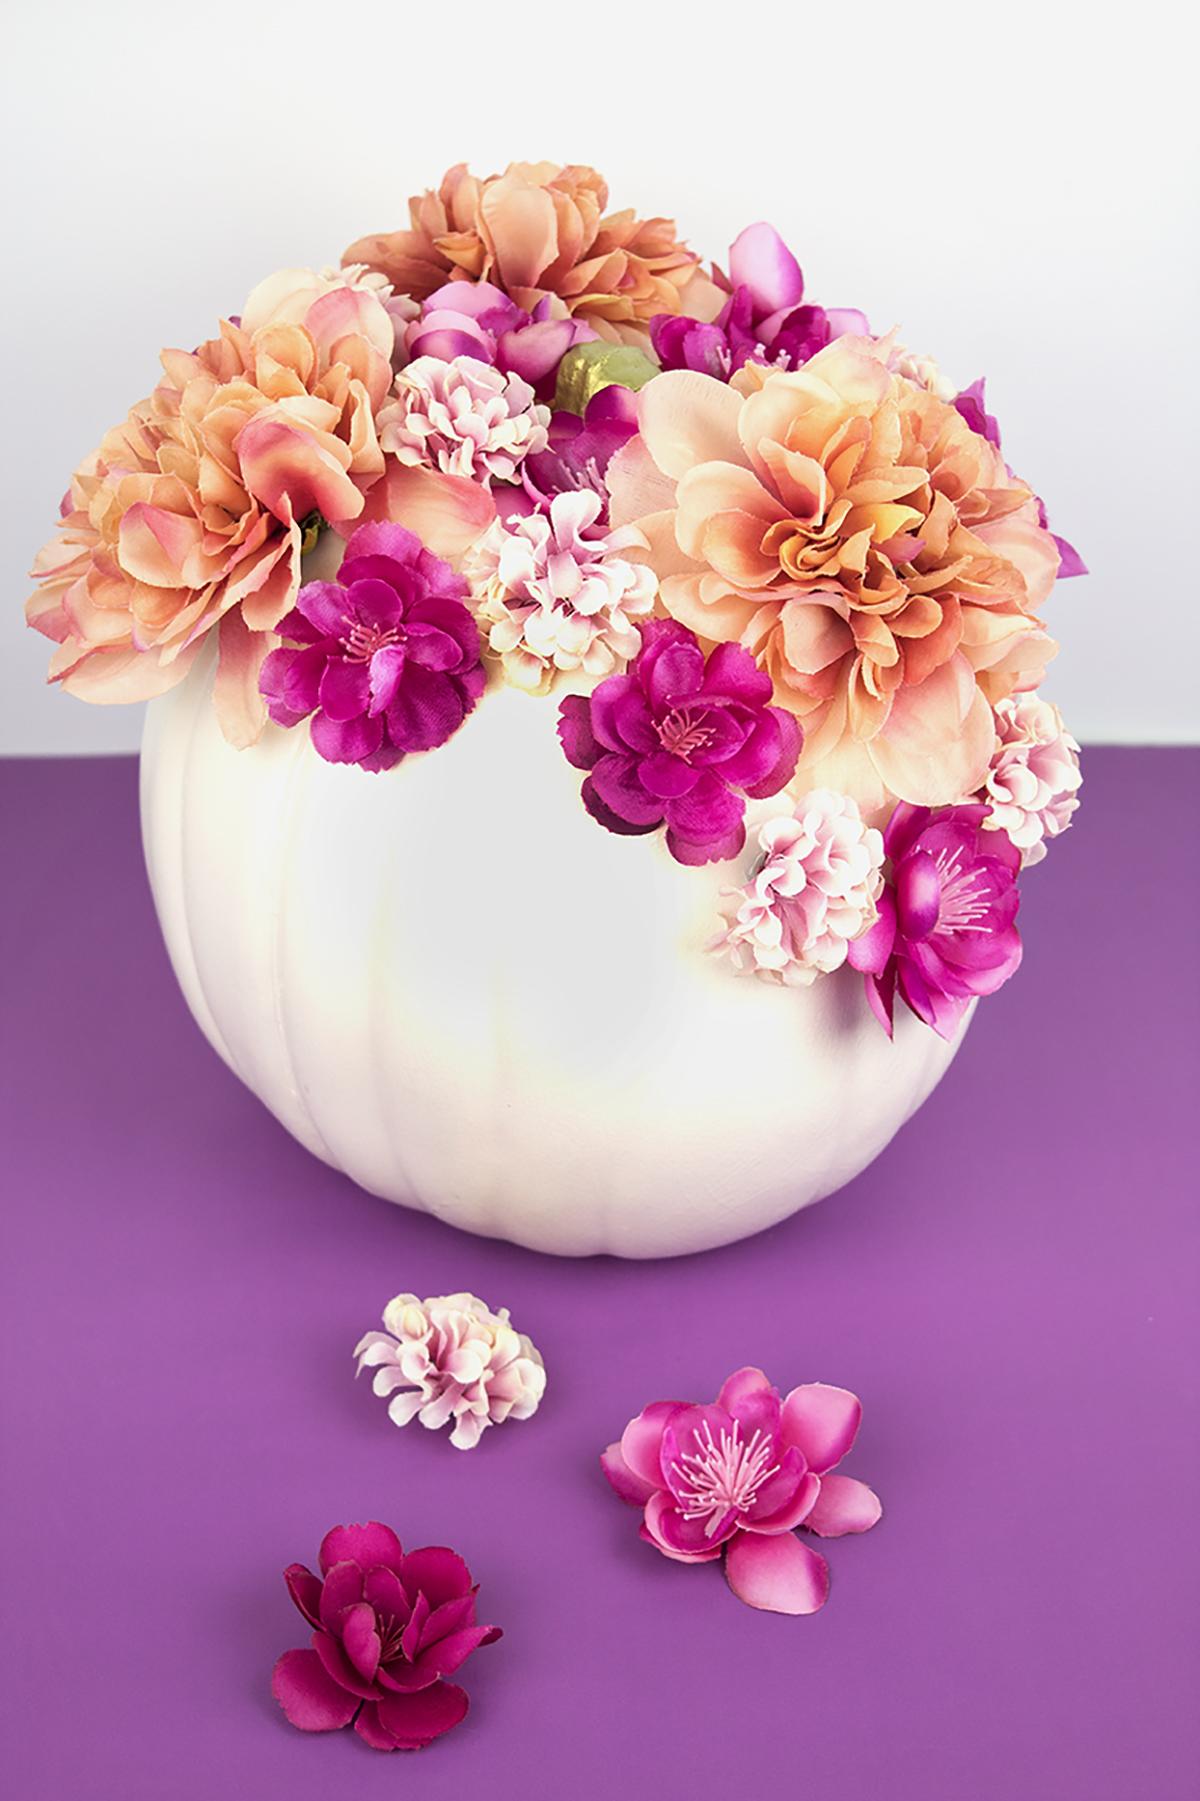 DIY Painted Floral Pumpkin Decor